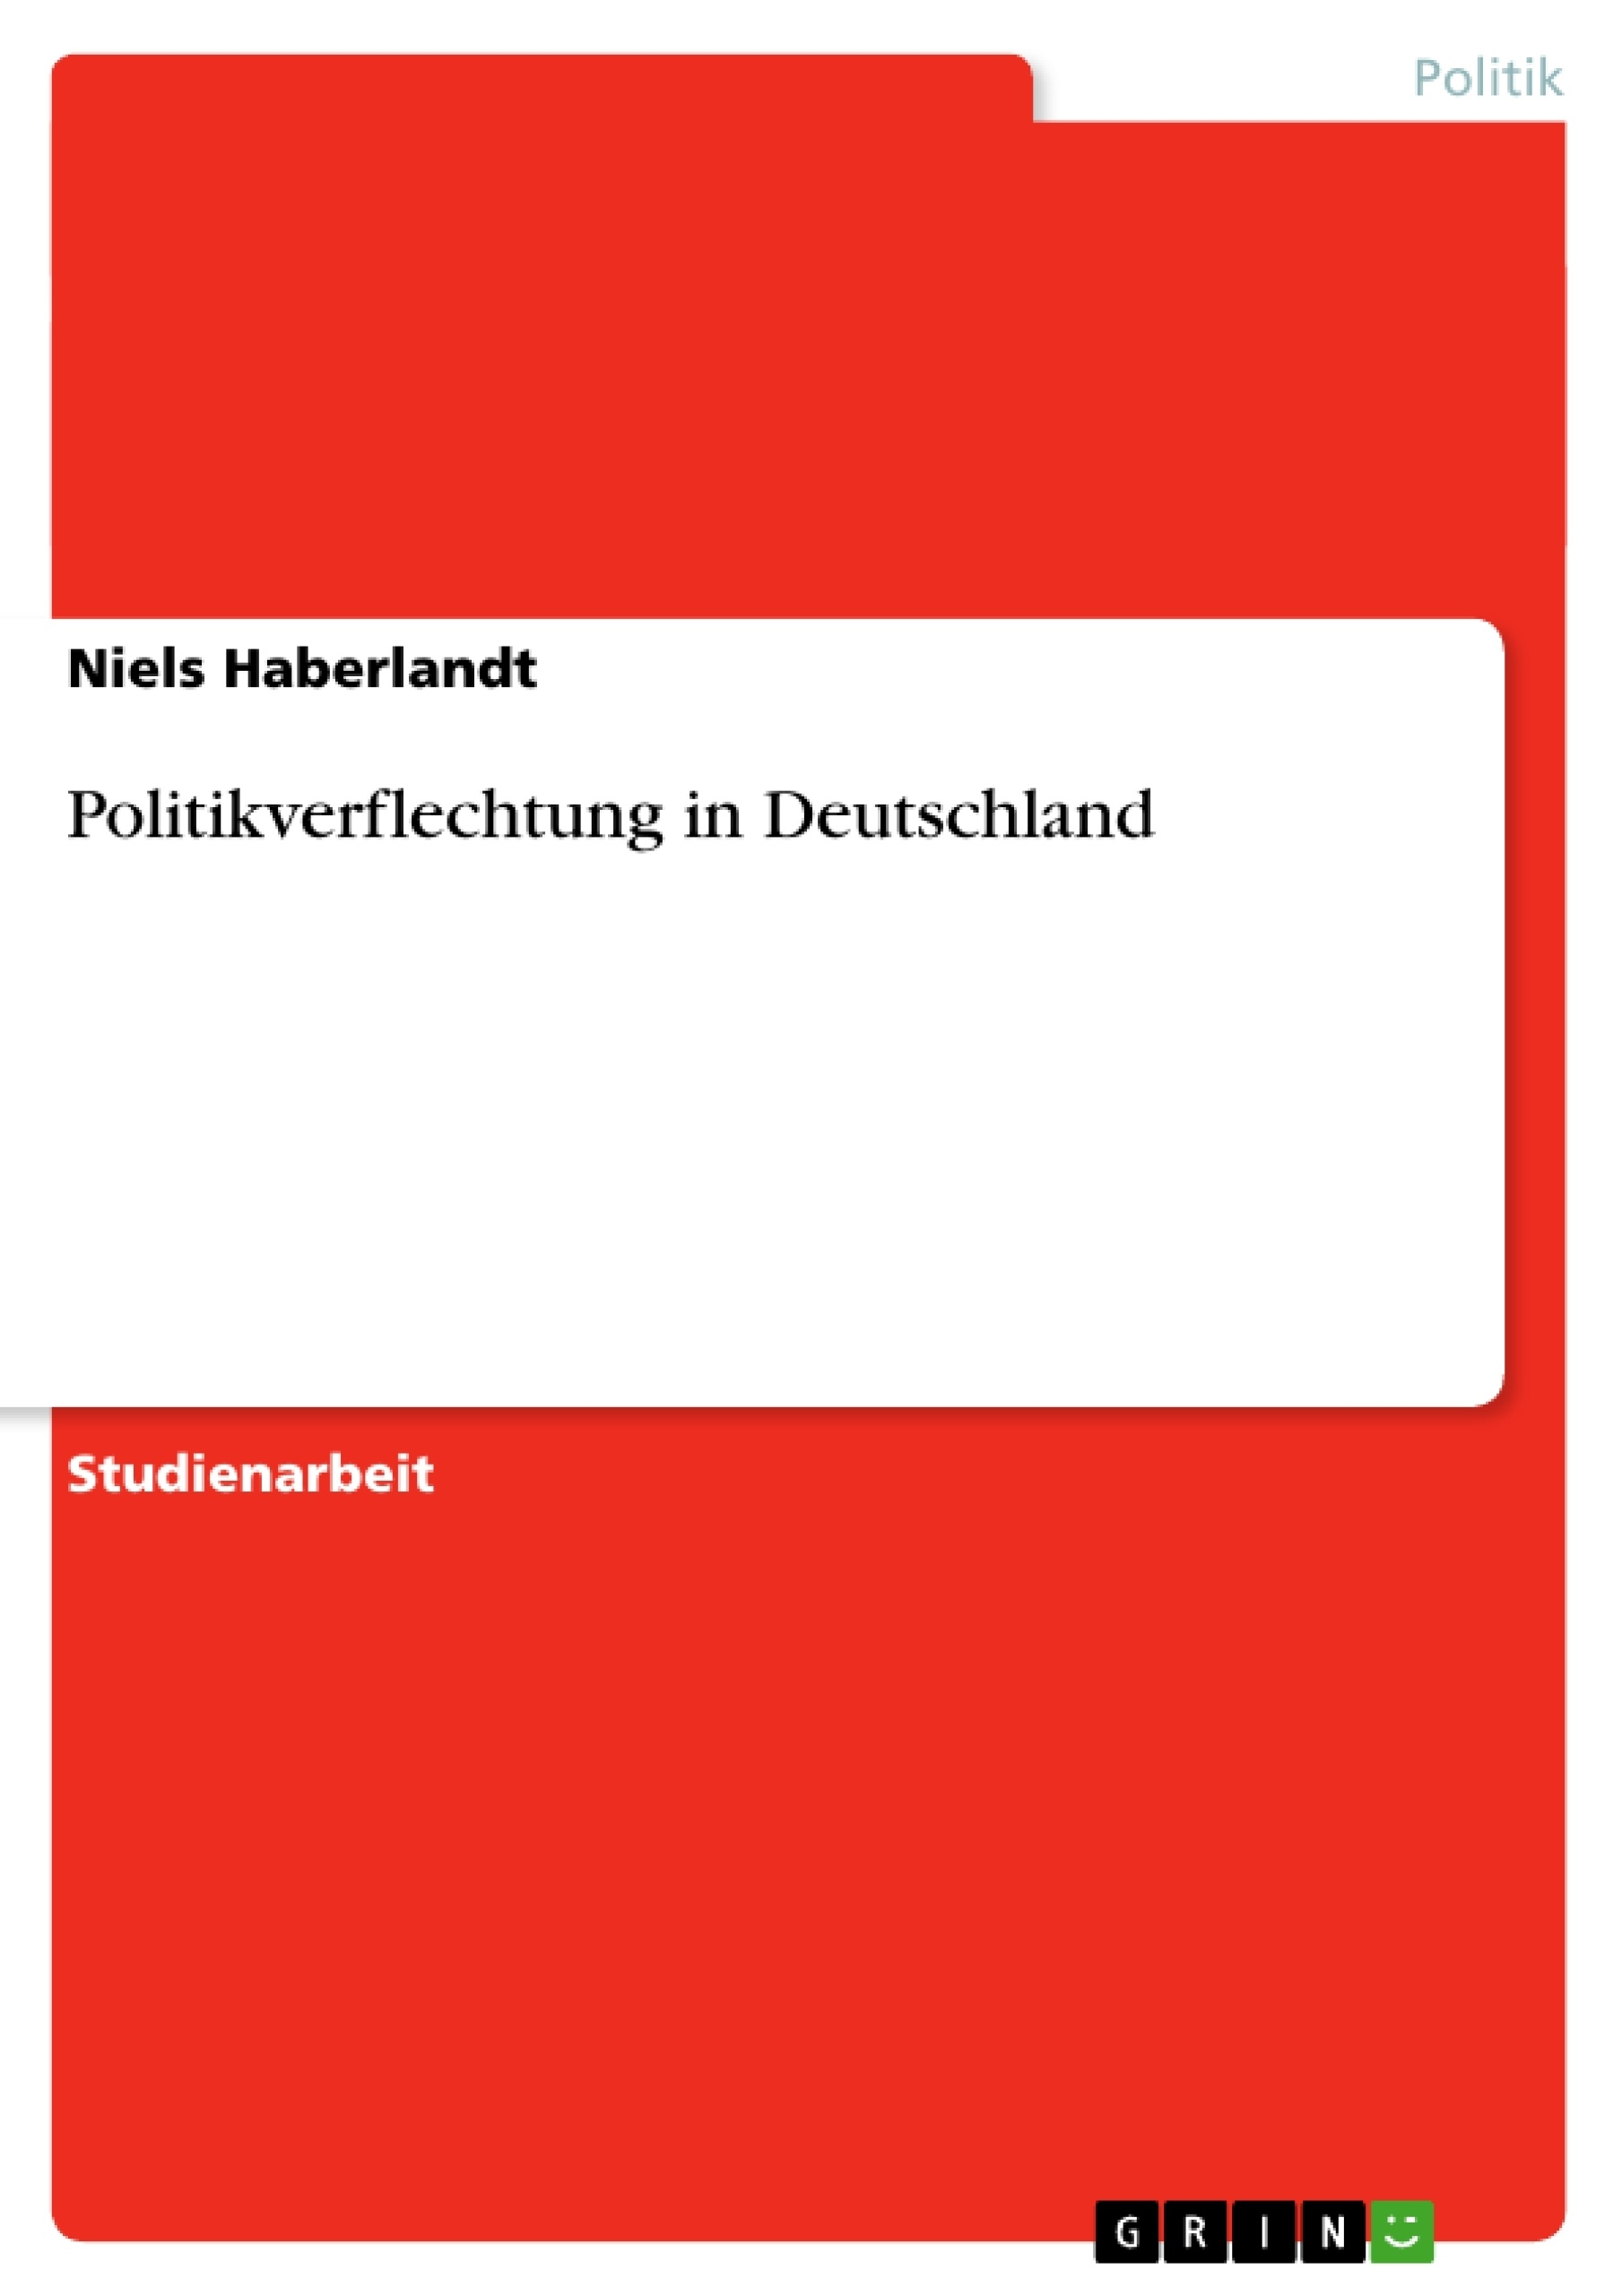 Titel: Politikverflechtung in Deutschland